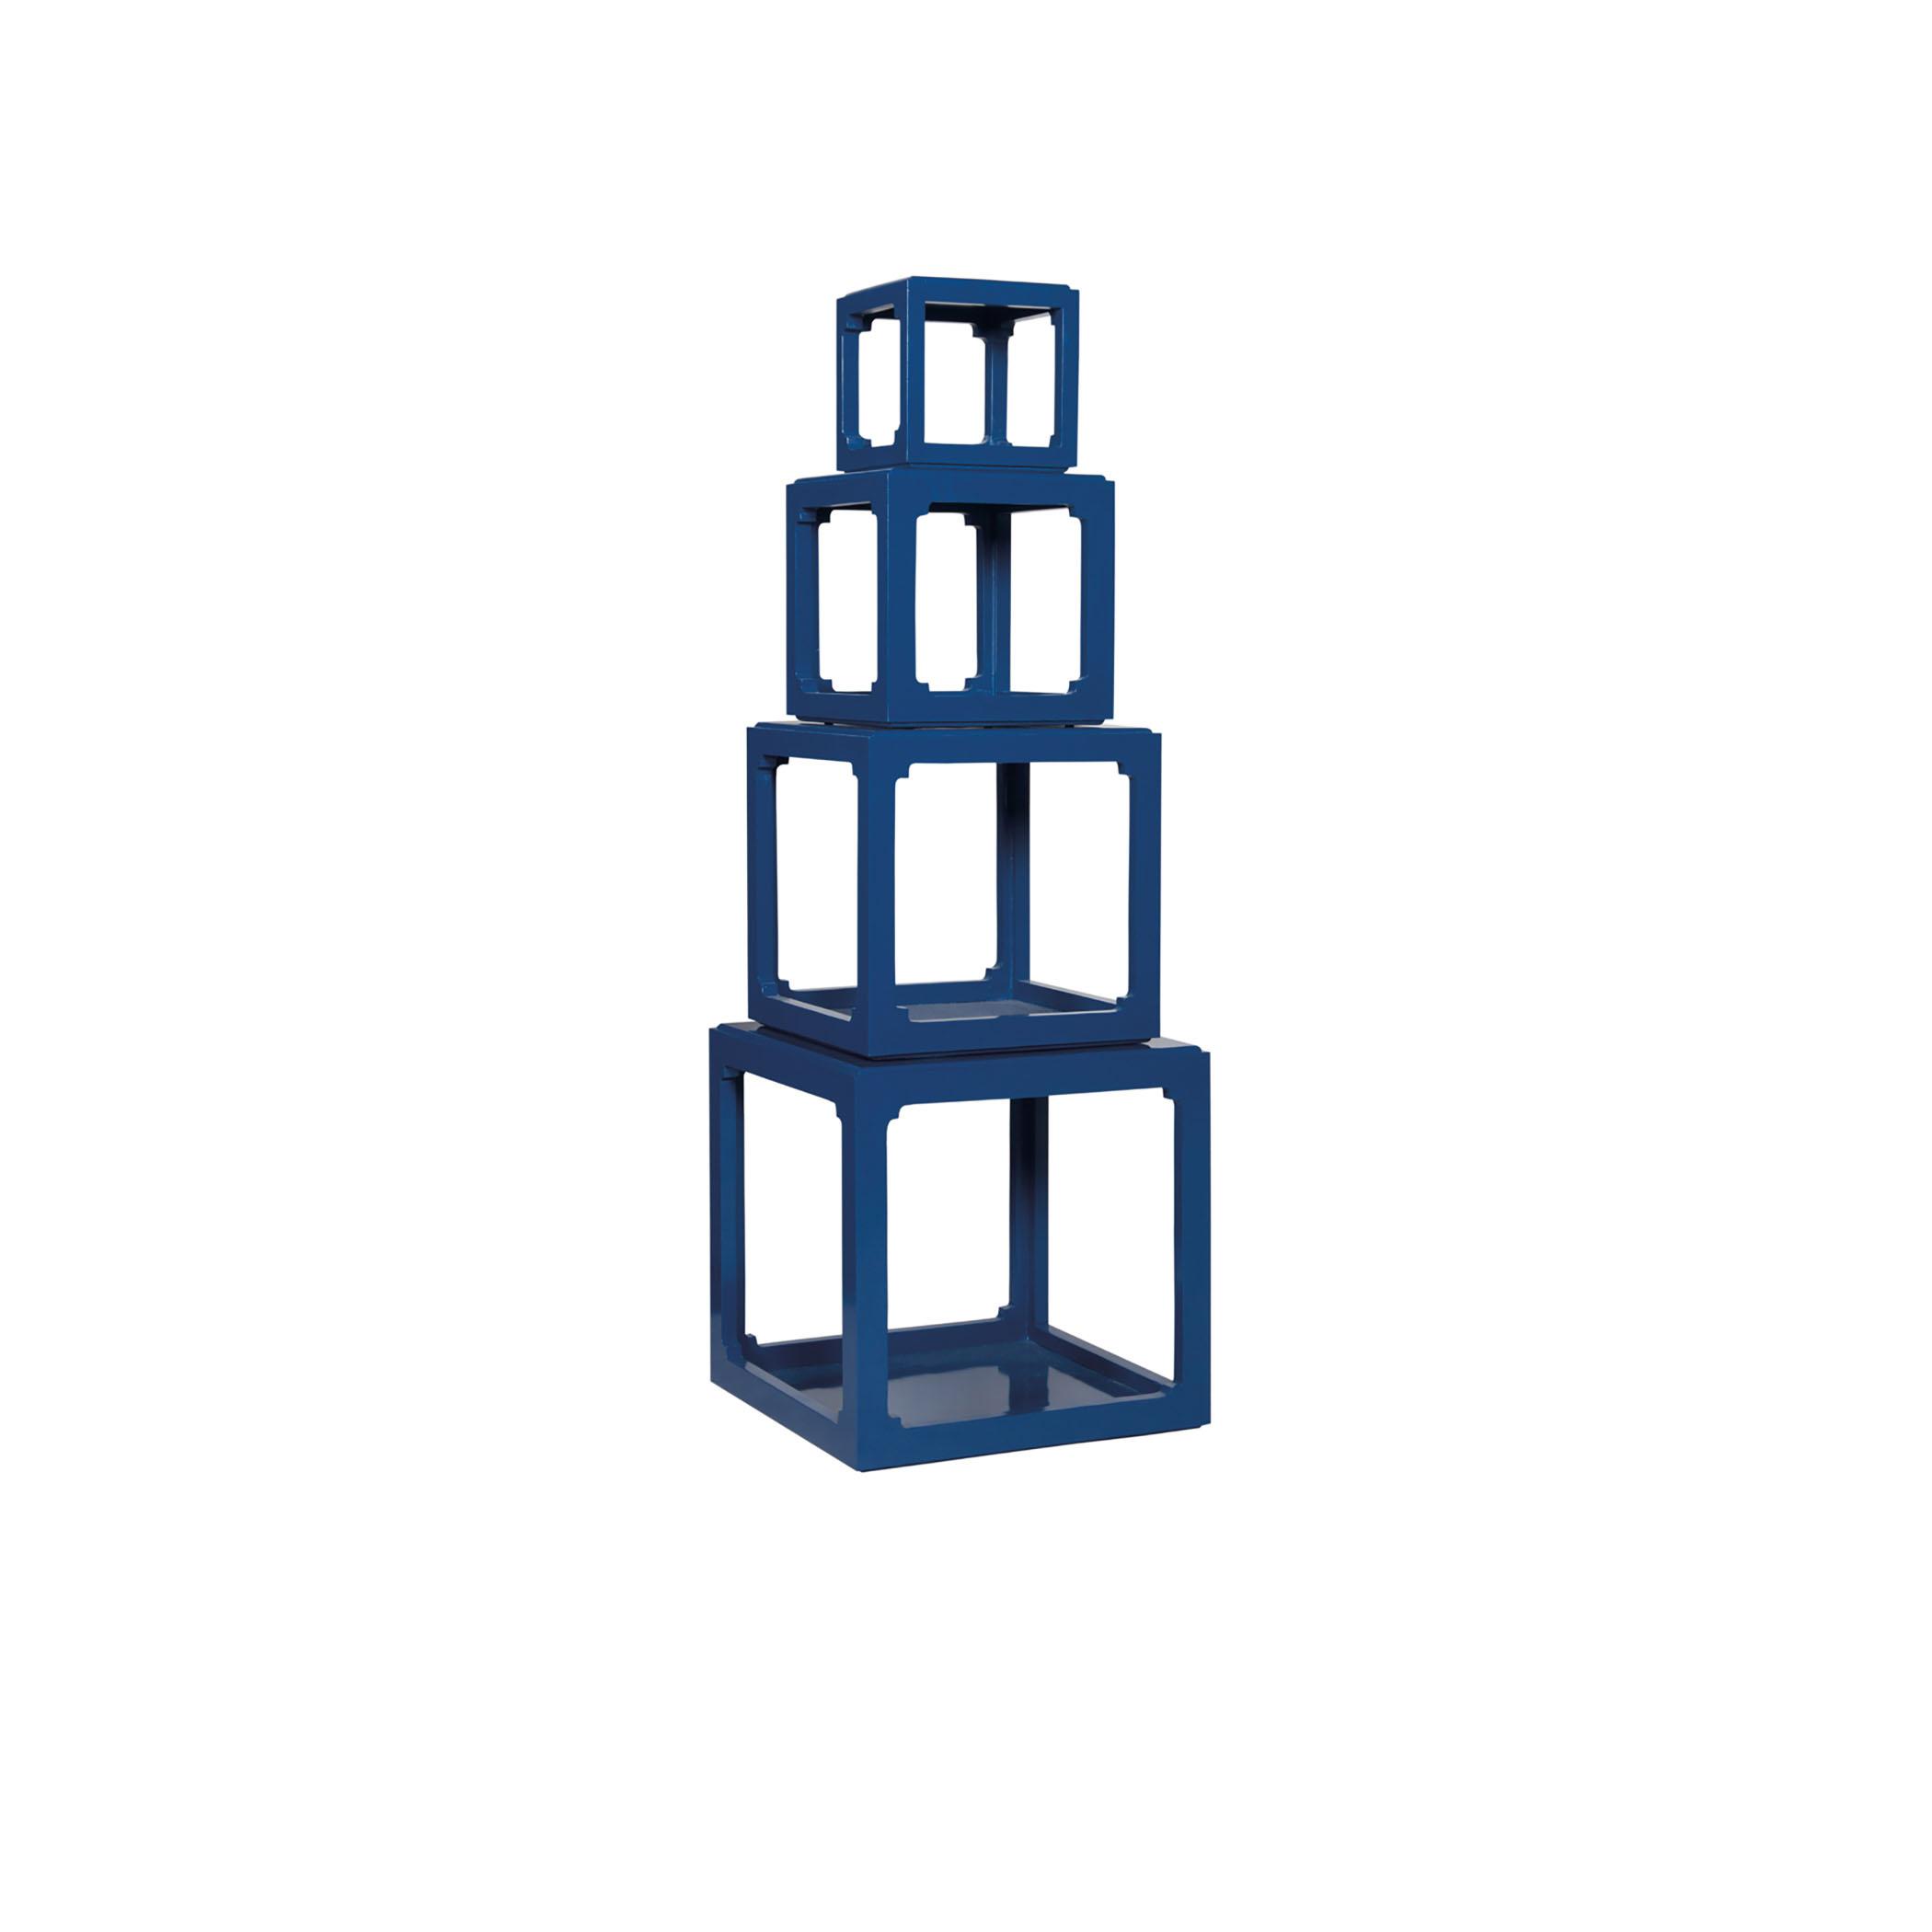 Cubes Etagere A24753004S | ELK Home